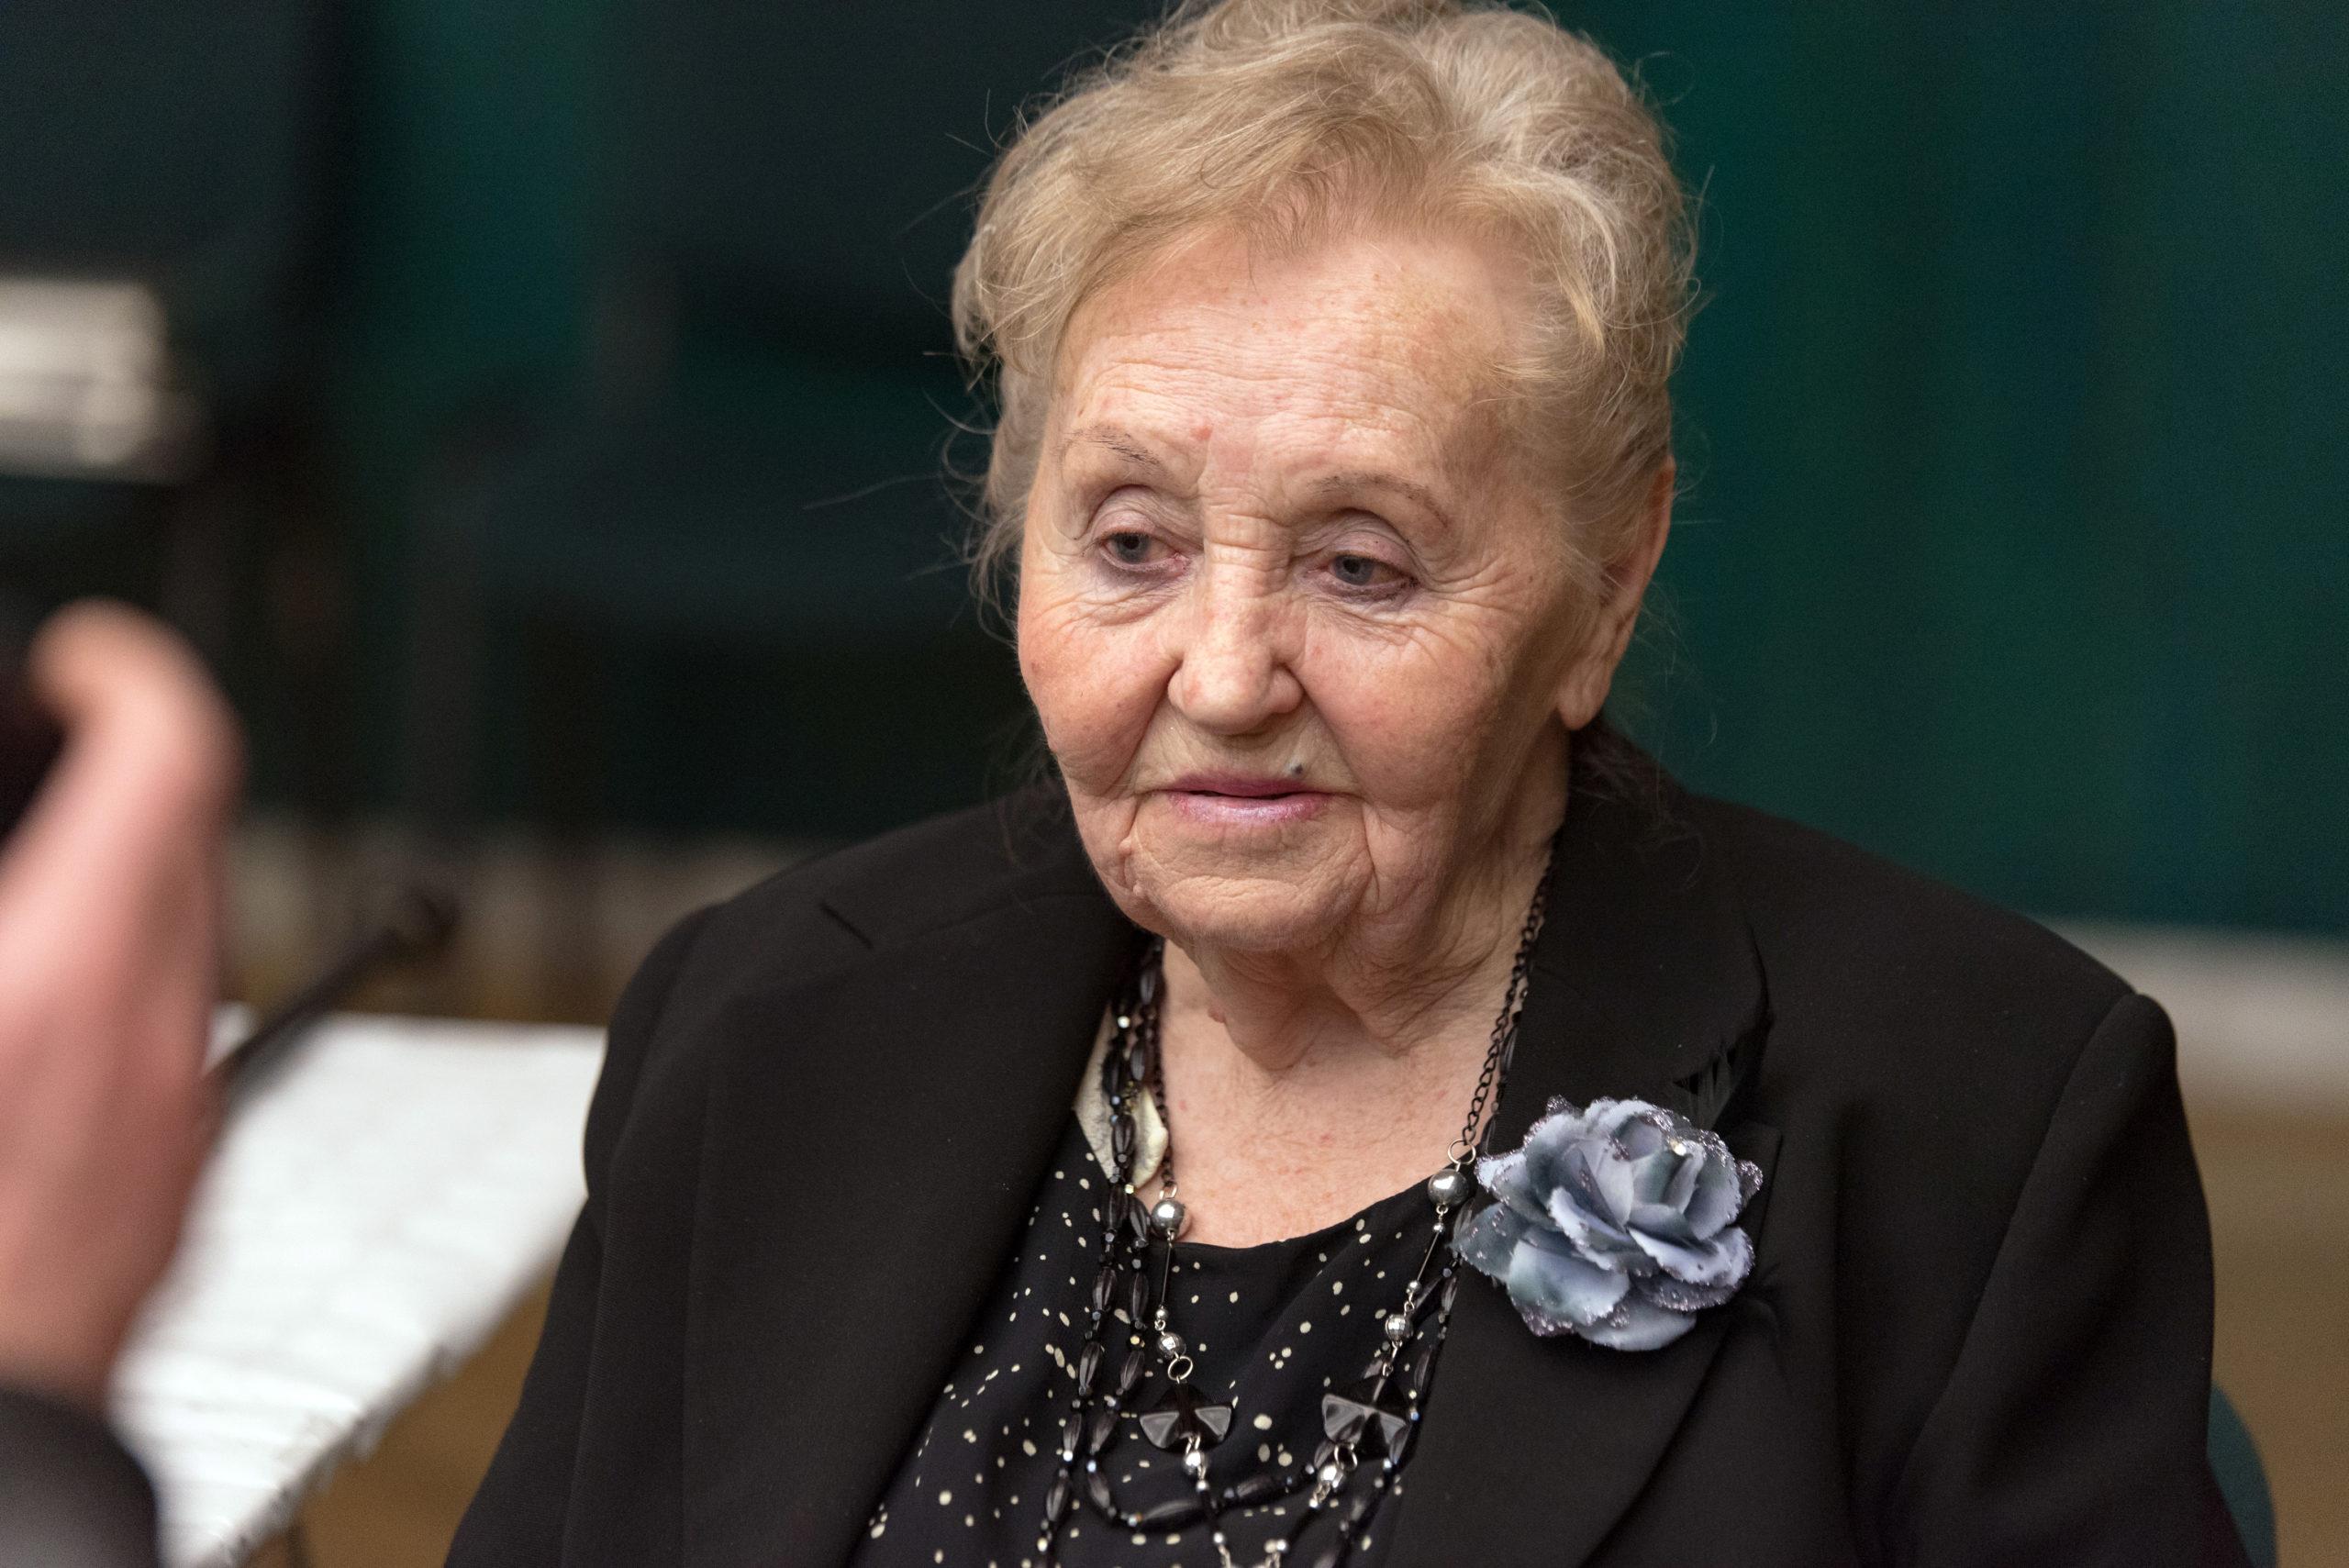 Zámbó Jimmy édesanyja továbbra is kórházban van